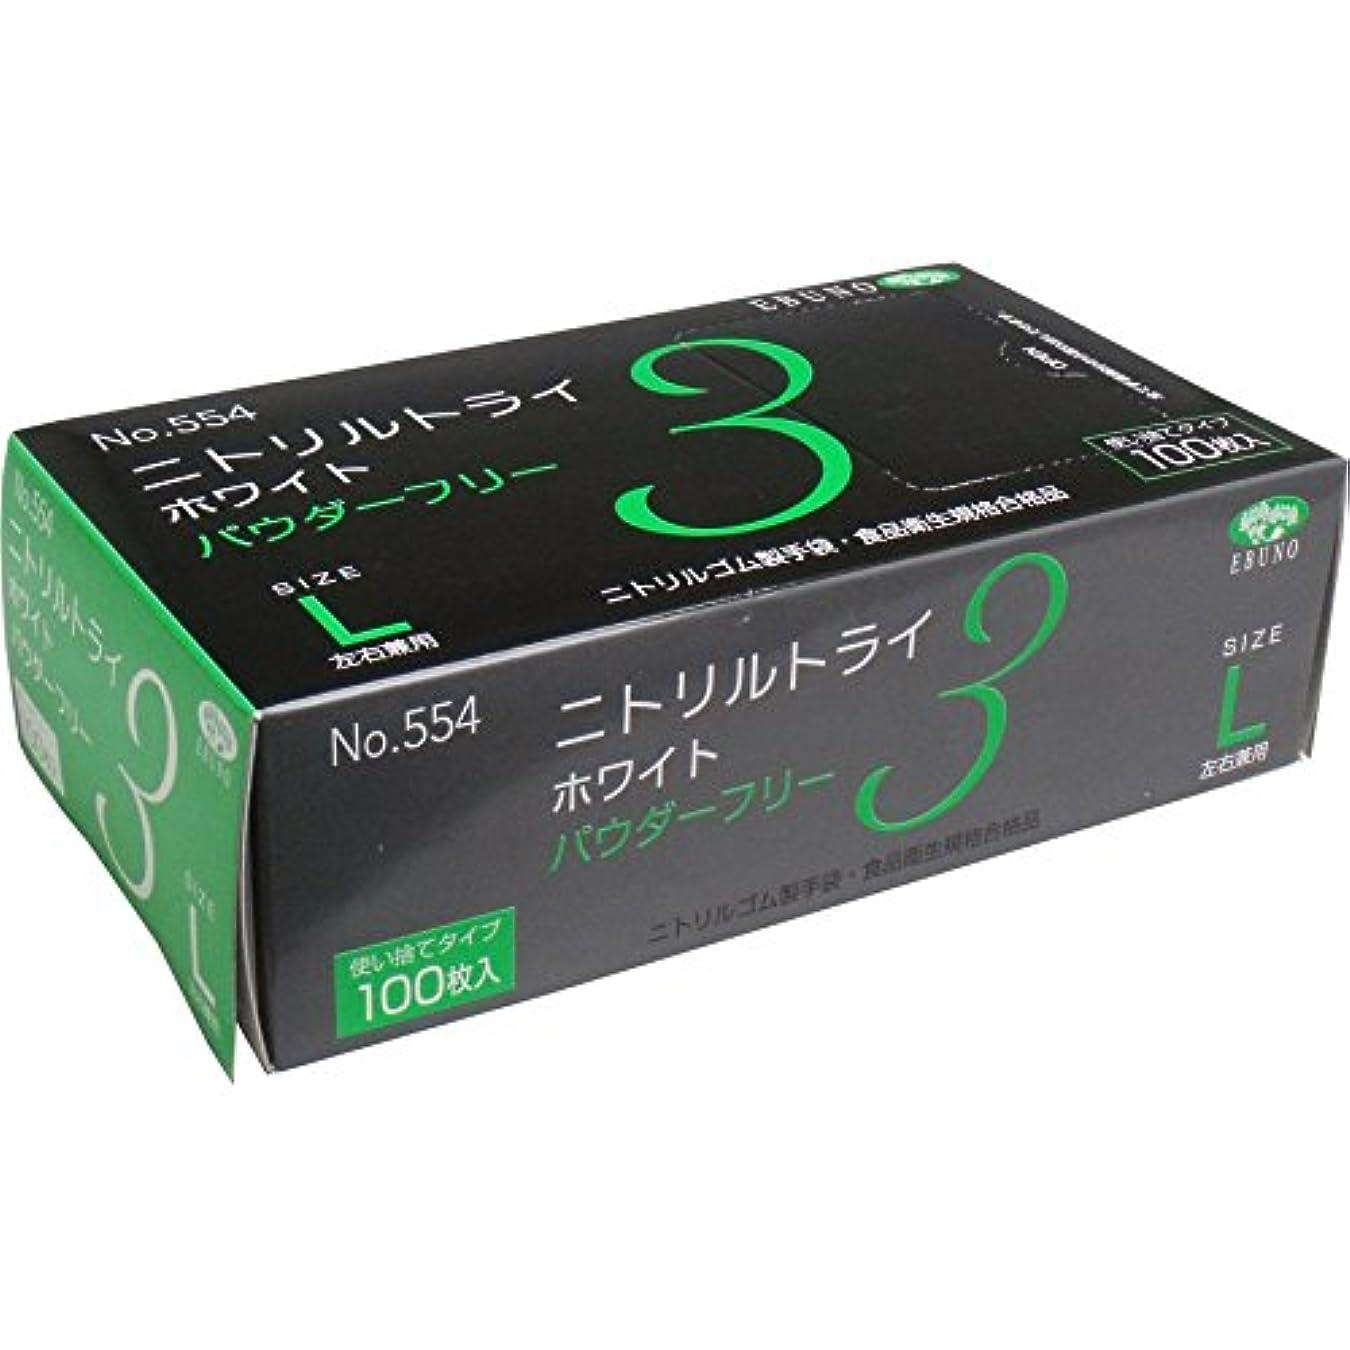 芸術的プロポーショナルソースニトリルトライ3 手袋 ホワイト パウダーフリー Lサイズ 100枚入(単品)